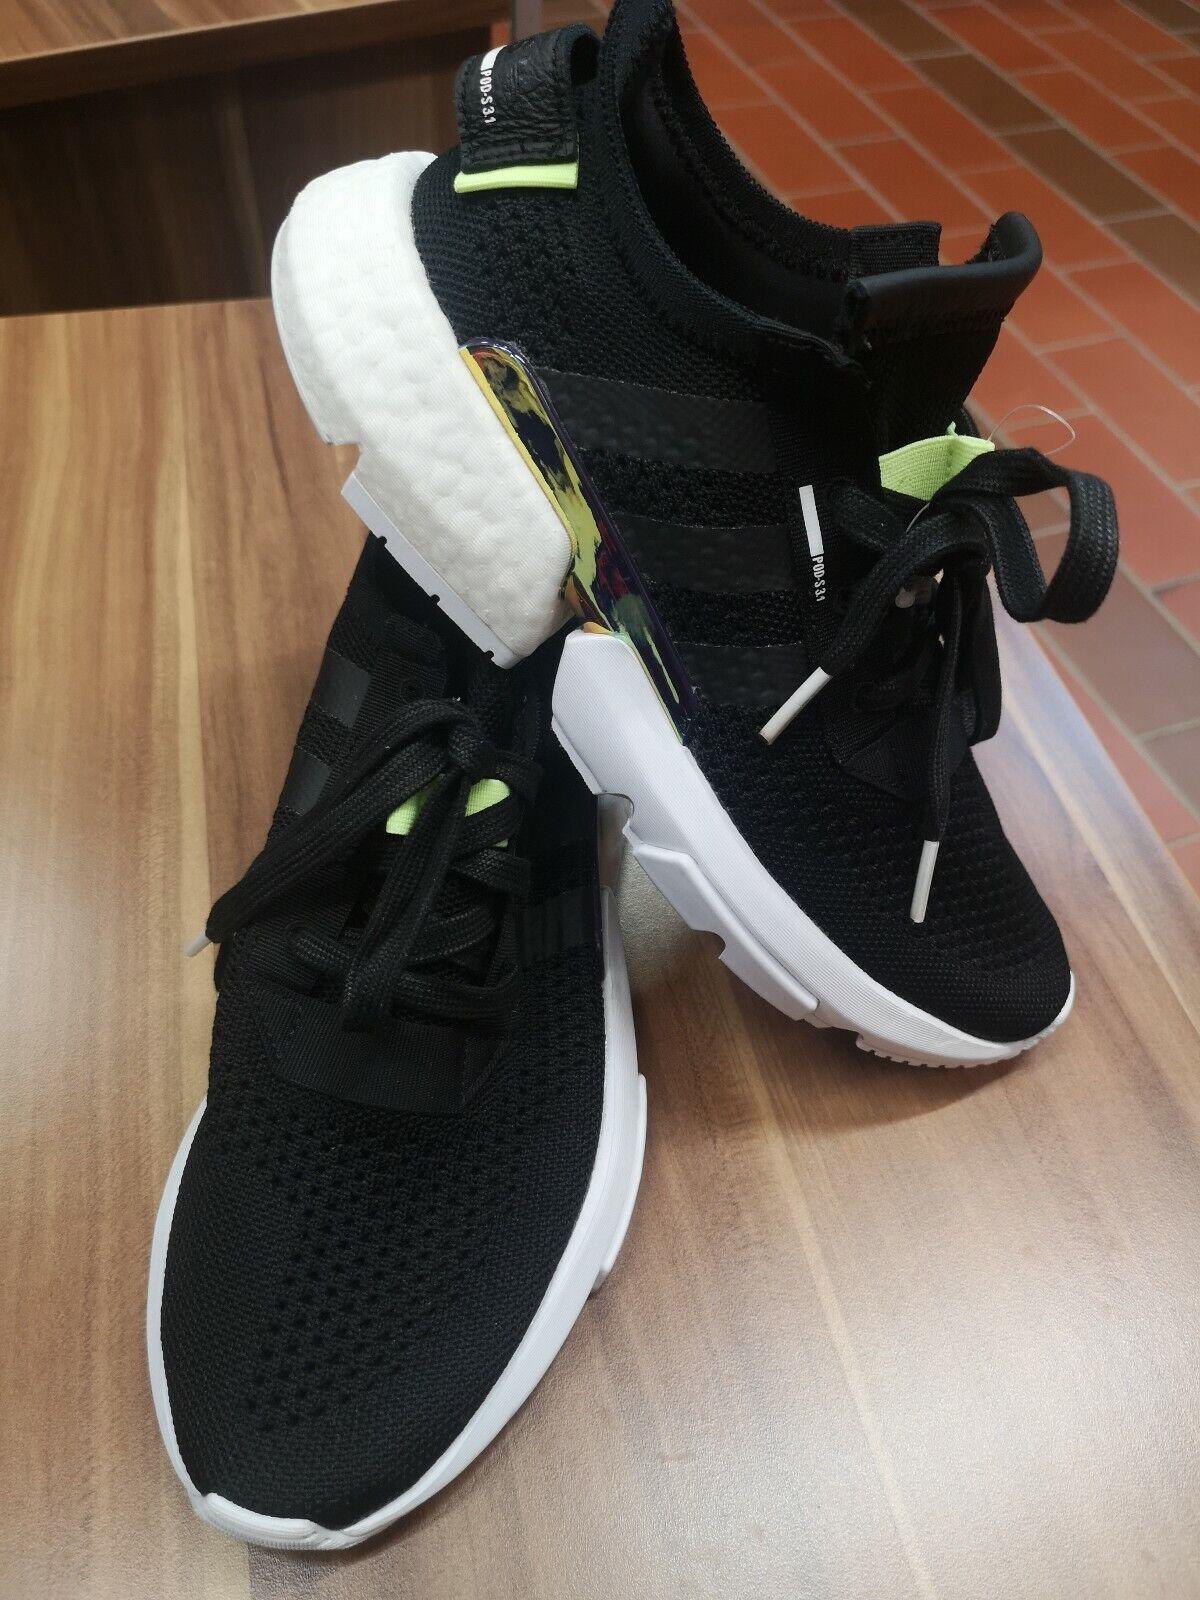 Adidas macho pod - s3.1 - talla UK 6.5 US 7 (da8693)